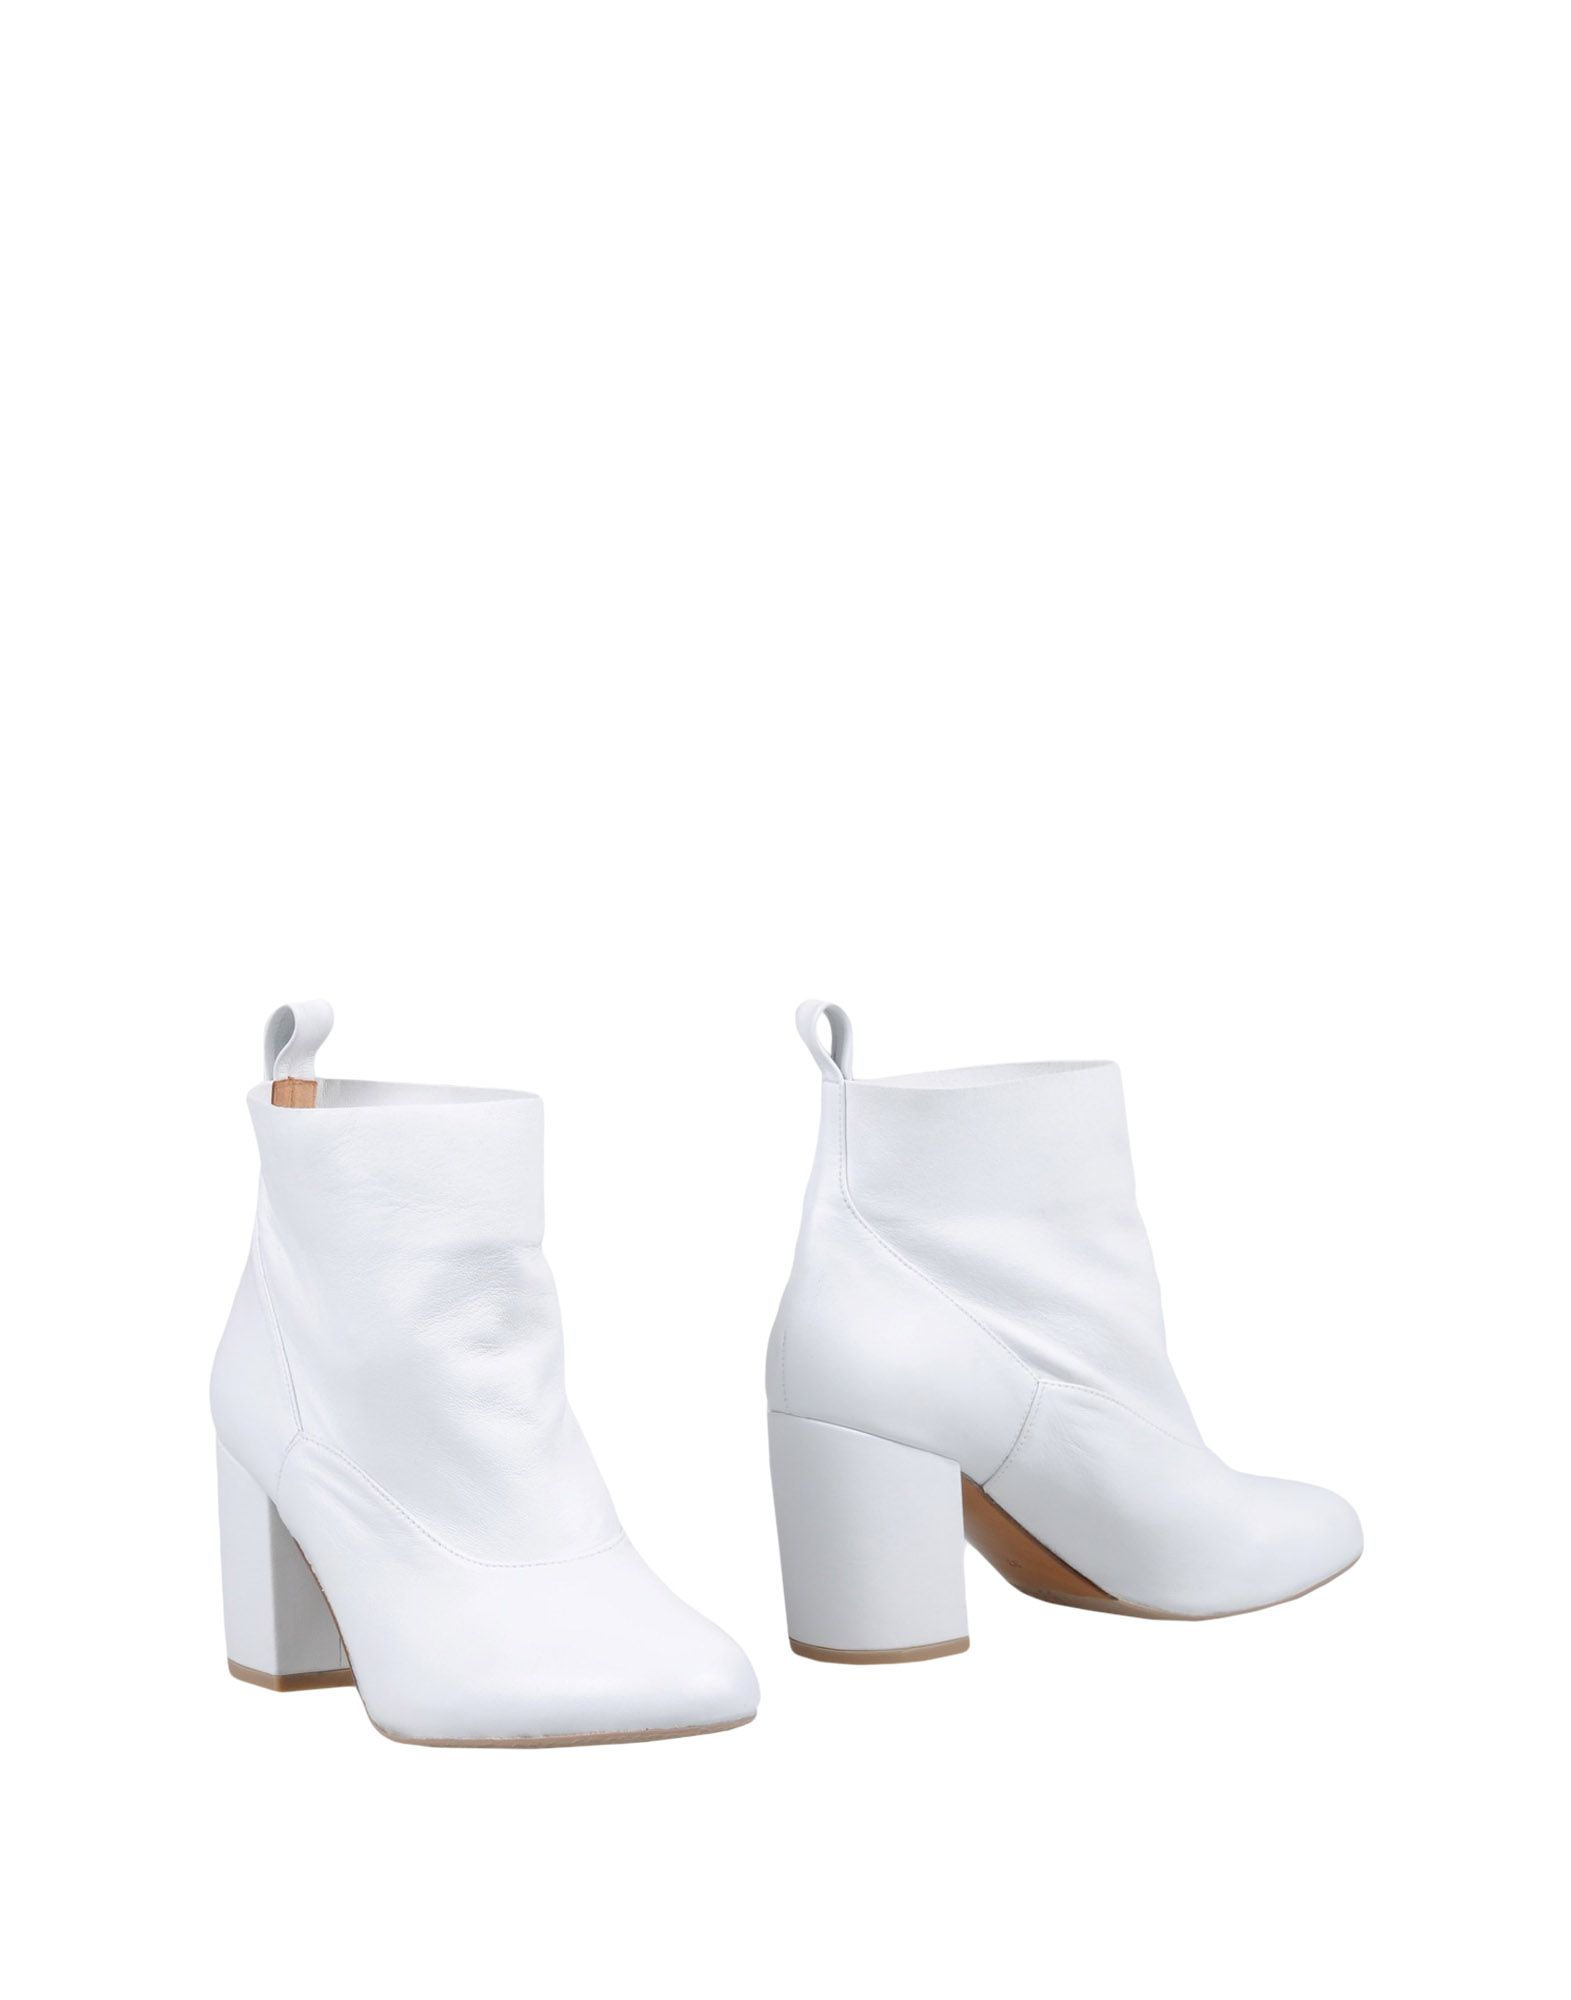 Gut um Stiefelette billige Schuhe zu tragenAudley Stiefelette um Damen  11439332MD 58706b